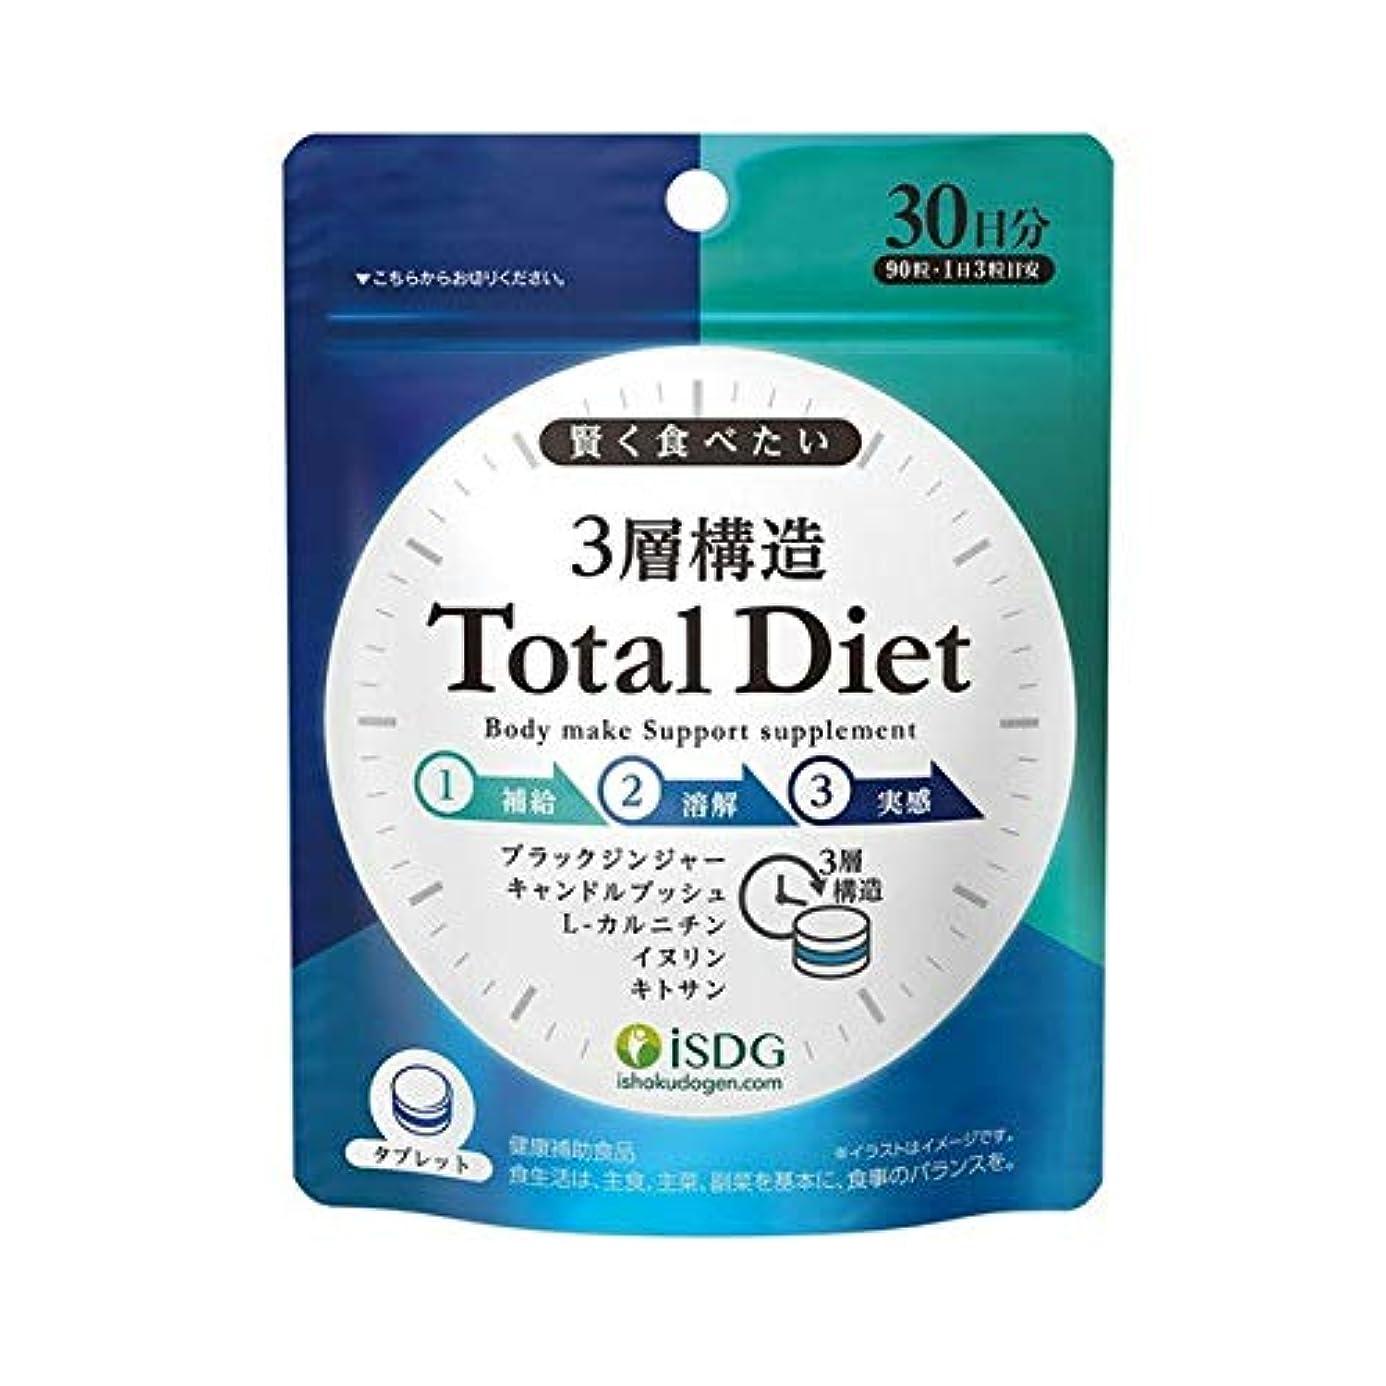 破産緩む余計な医食同源ドットコム ISDG 3層構造 Total Diet 90粒入 トータル ダイエット×3個セット